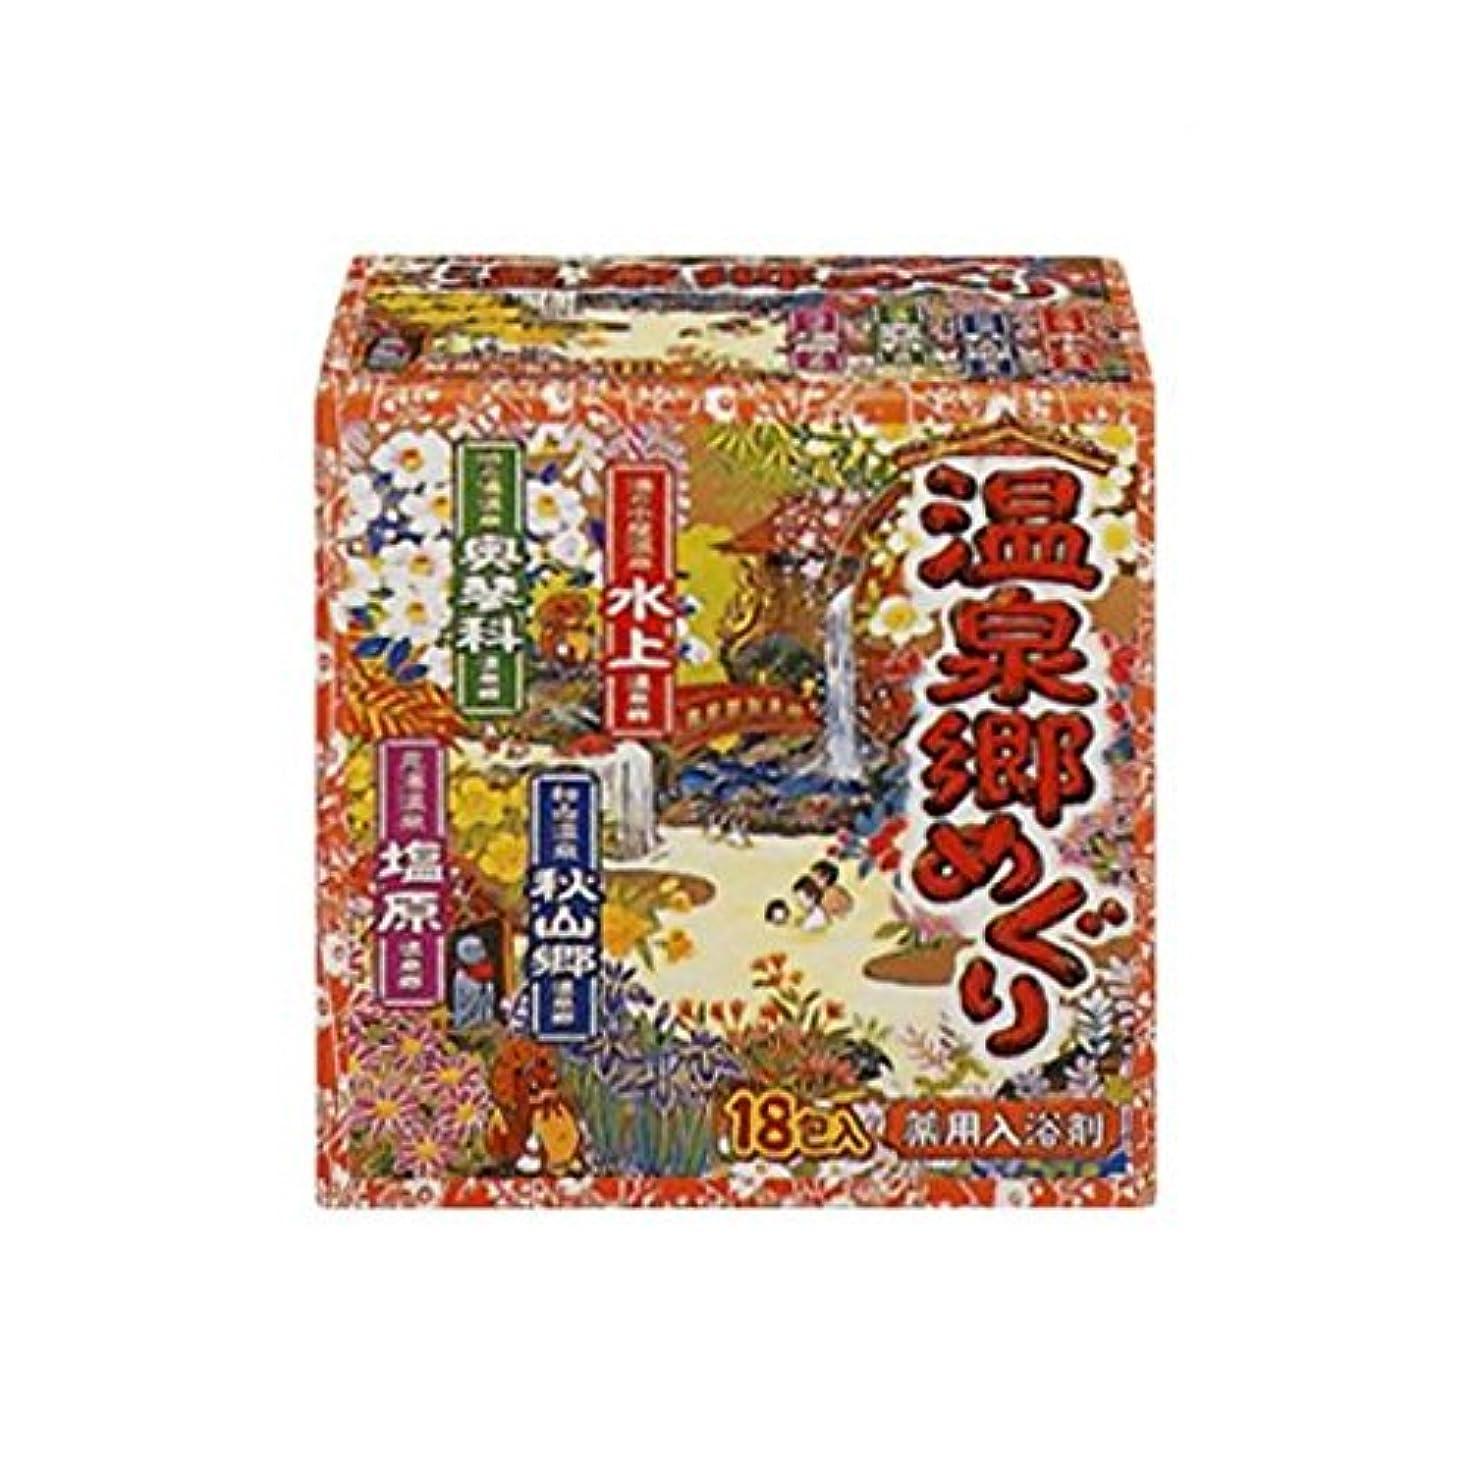 責め散文さわやか【まとめ買い】温泉郷めぐり ×2セット